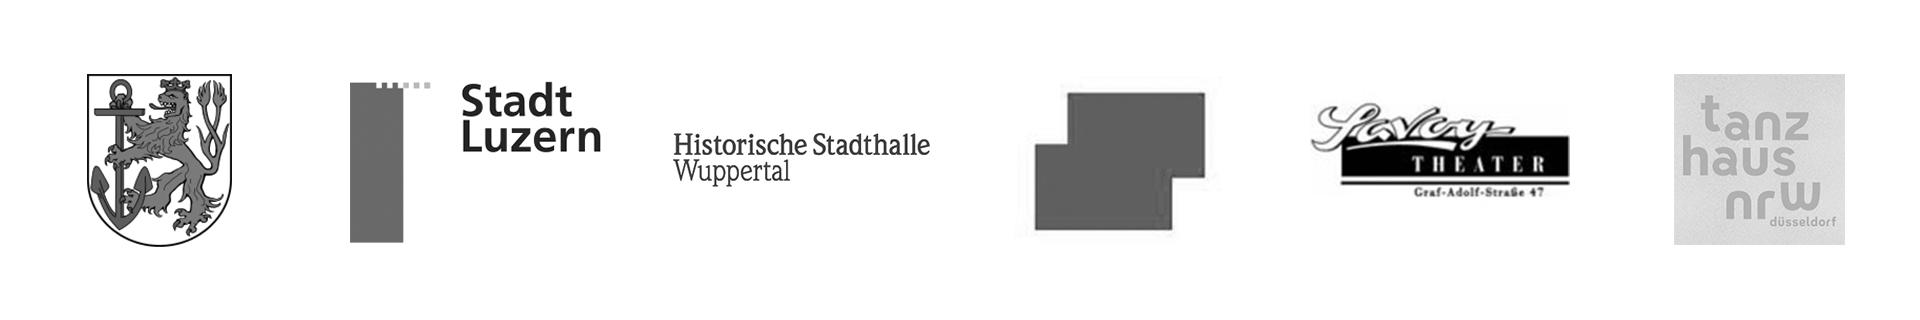 Stadt Düsseldorf, Stadt Luzern, Historische Stadthalle Wuppertal, Staatsgalerie Stuttgart, Savoy Theater, tanzhaus nrw